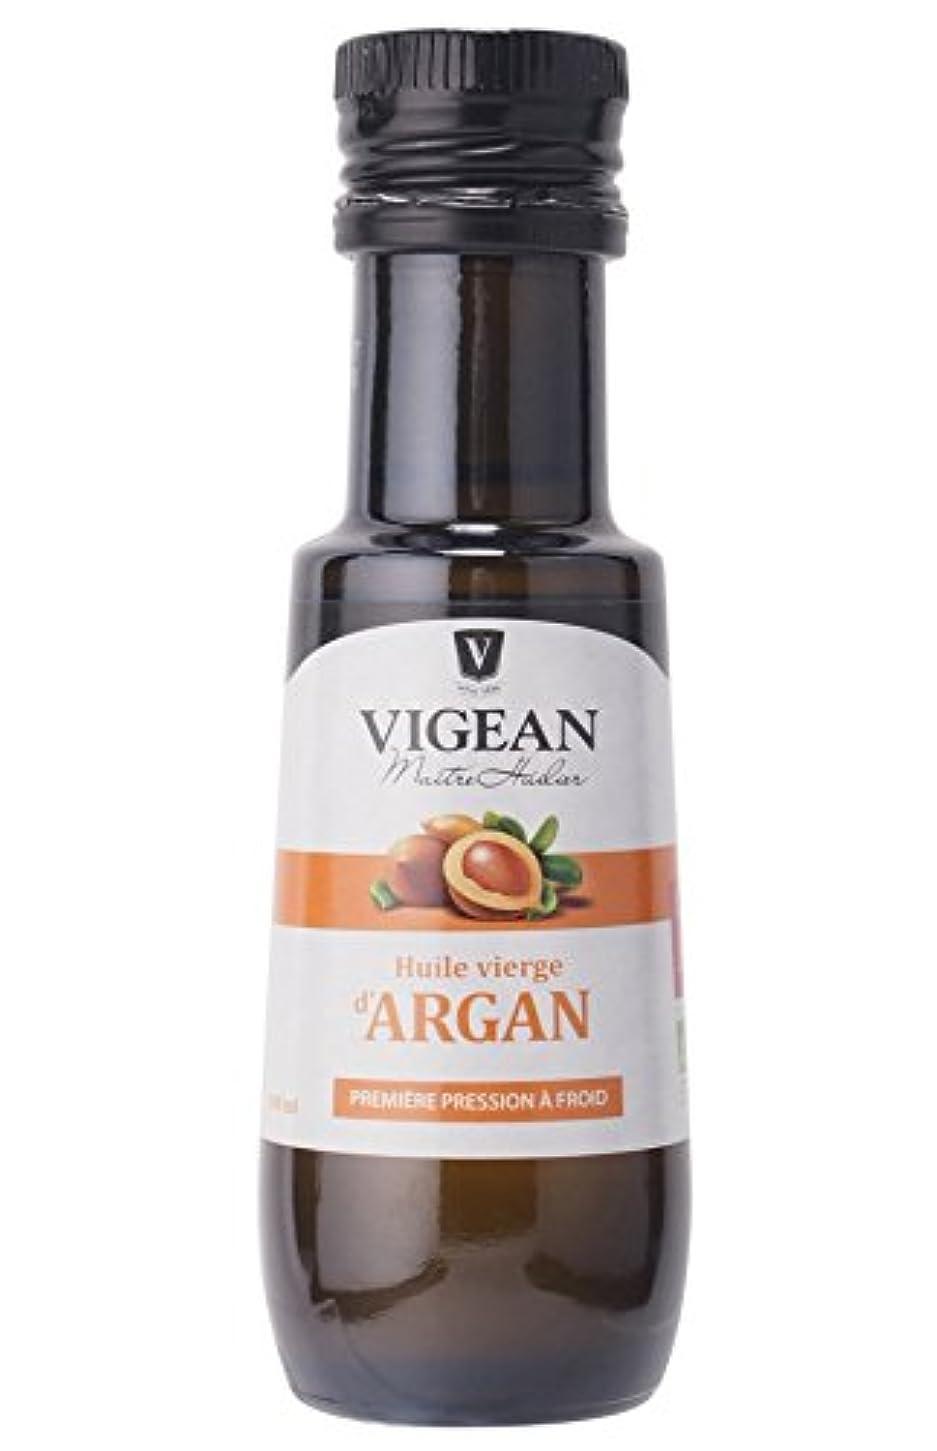 ねじれドキドキ絶滅したヴィジャン オーガニックアルガンオイル VIGEAN ORGANIC ARGAN OIL 100ML 【AB】認定 仏産